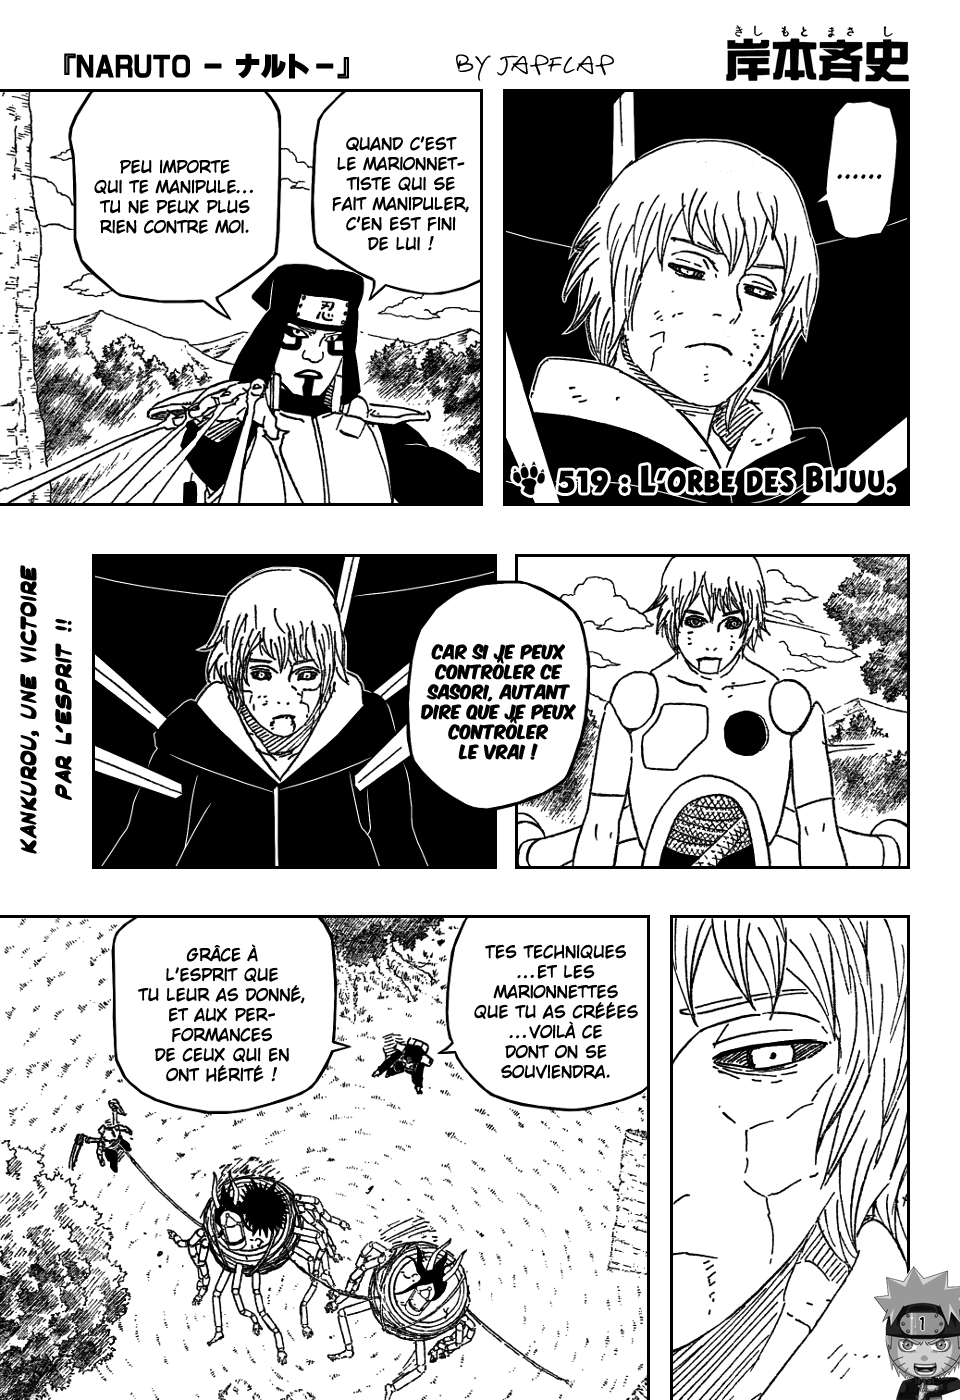 Naruto chapitre 519 - Page 1